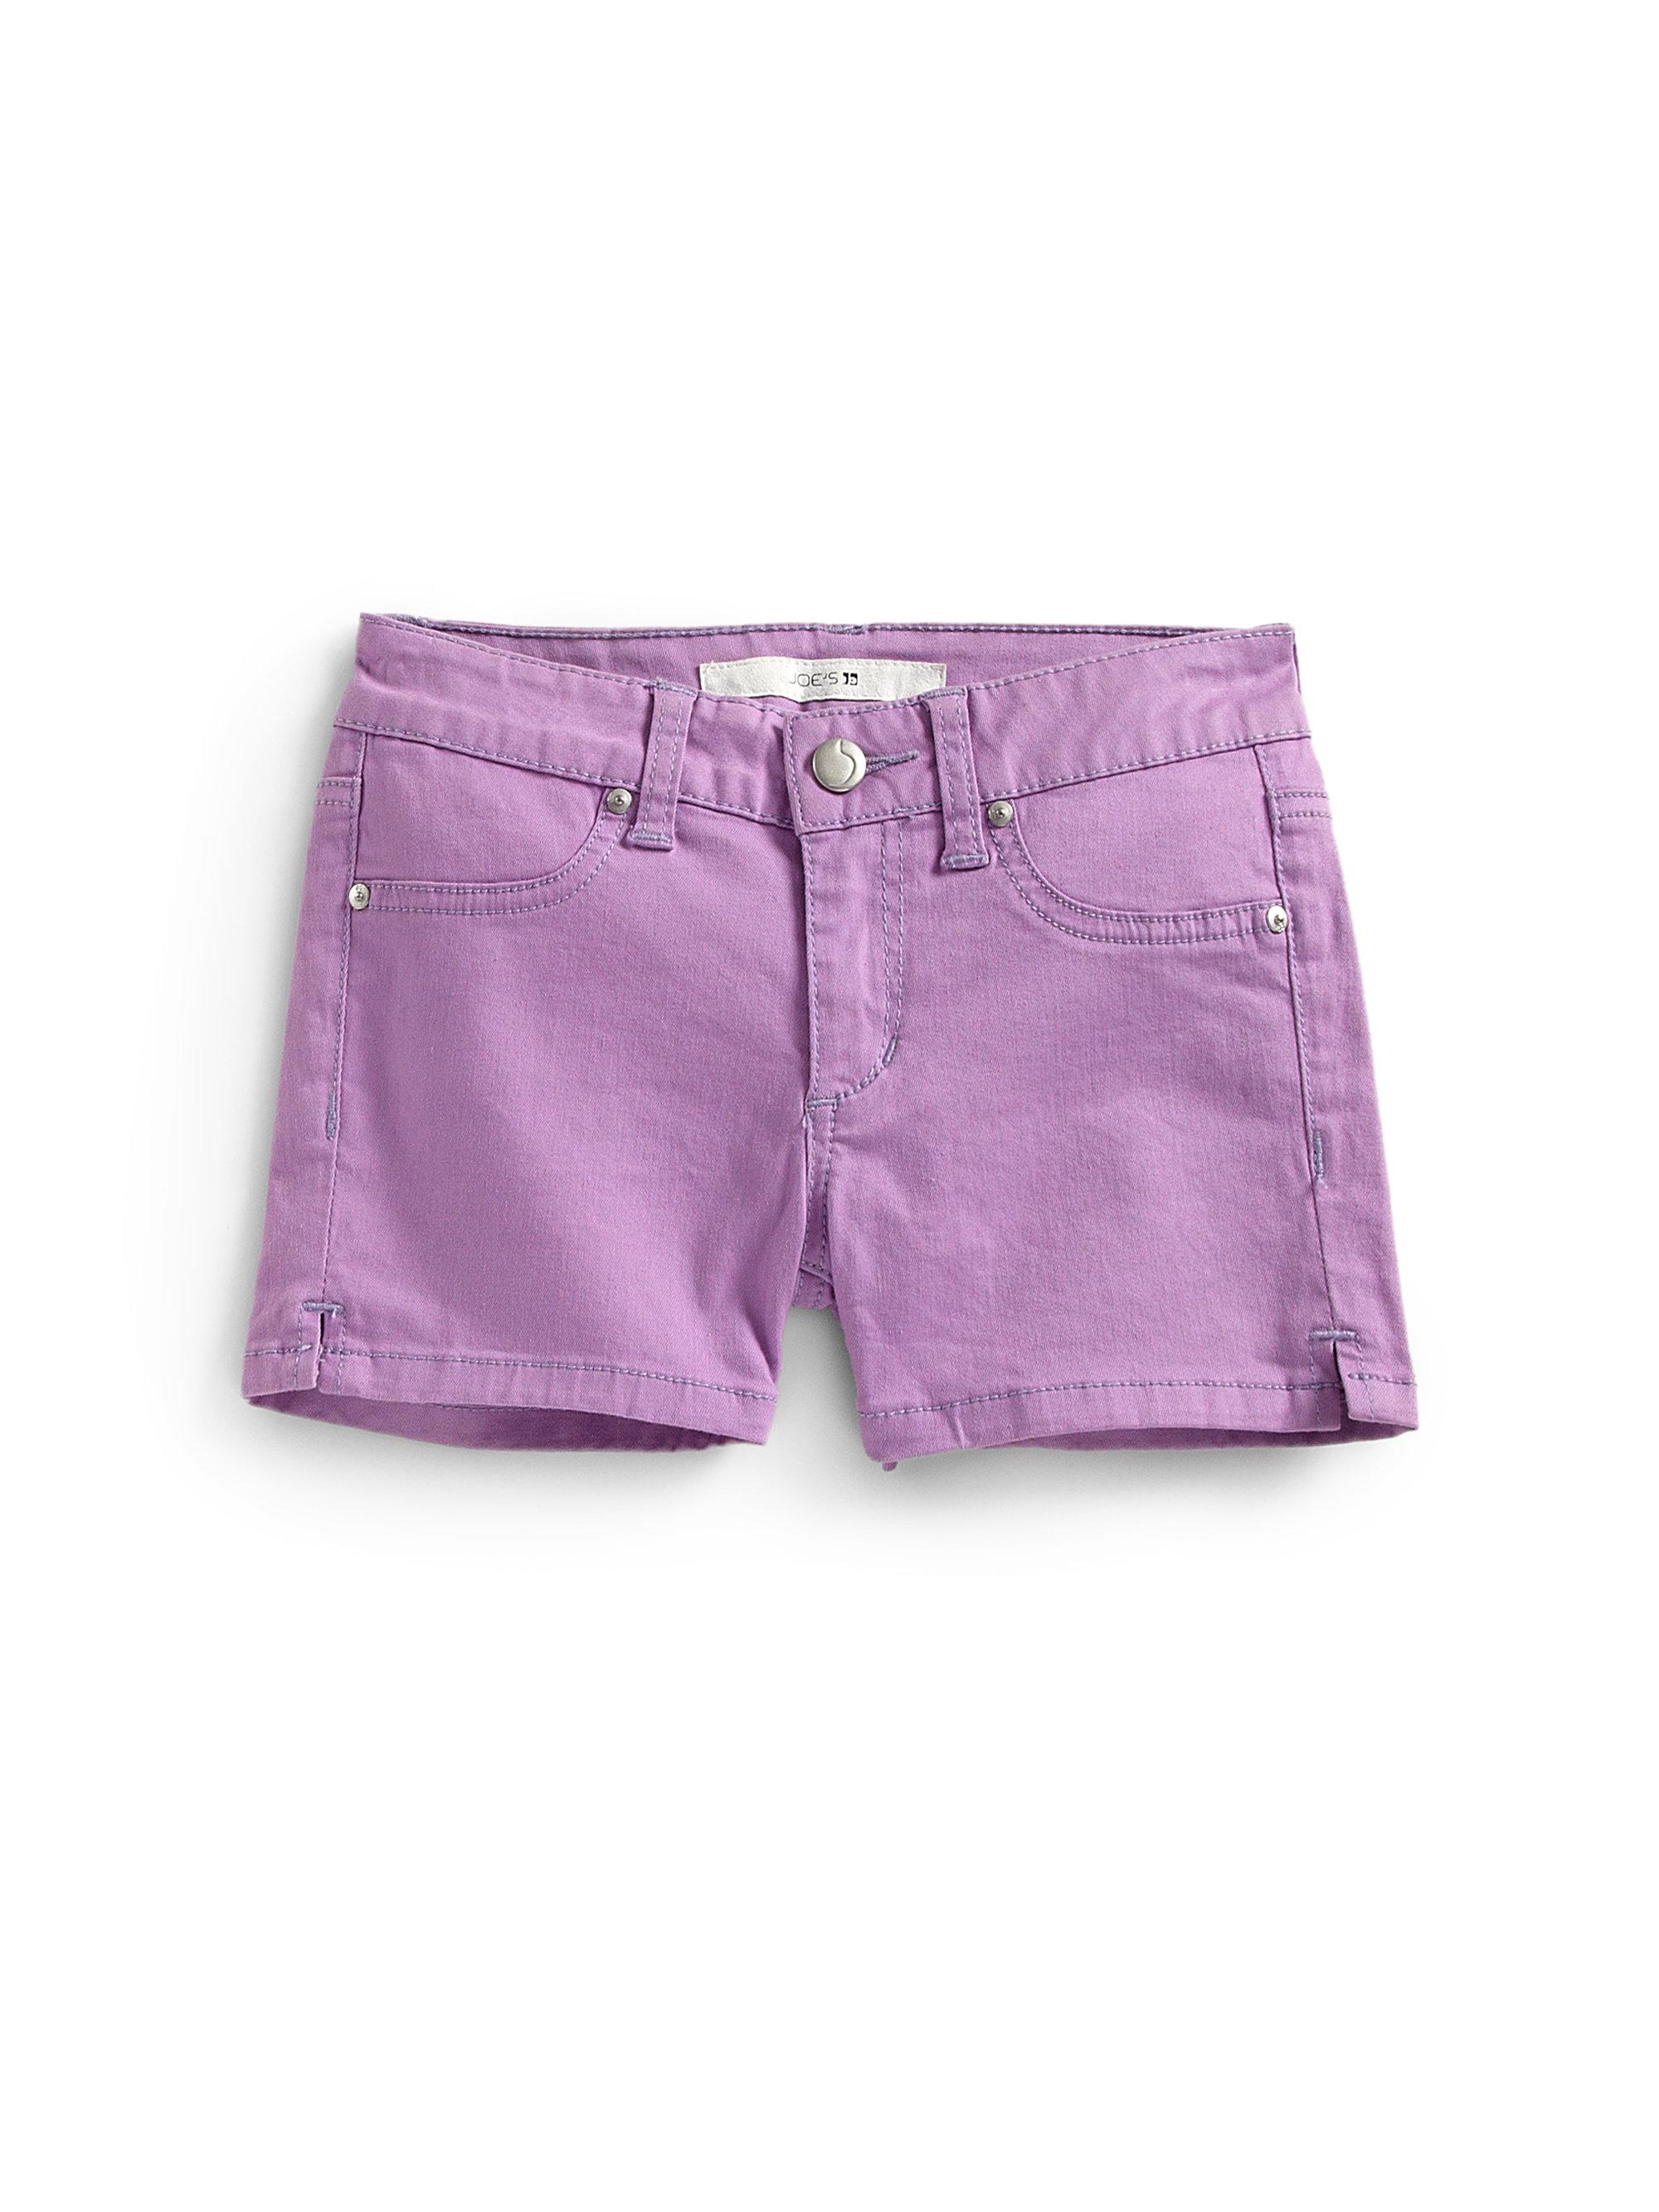 Joeu0026#39;s Jeans Girls Denim Shorts in Purple | Lyst